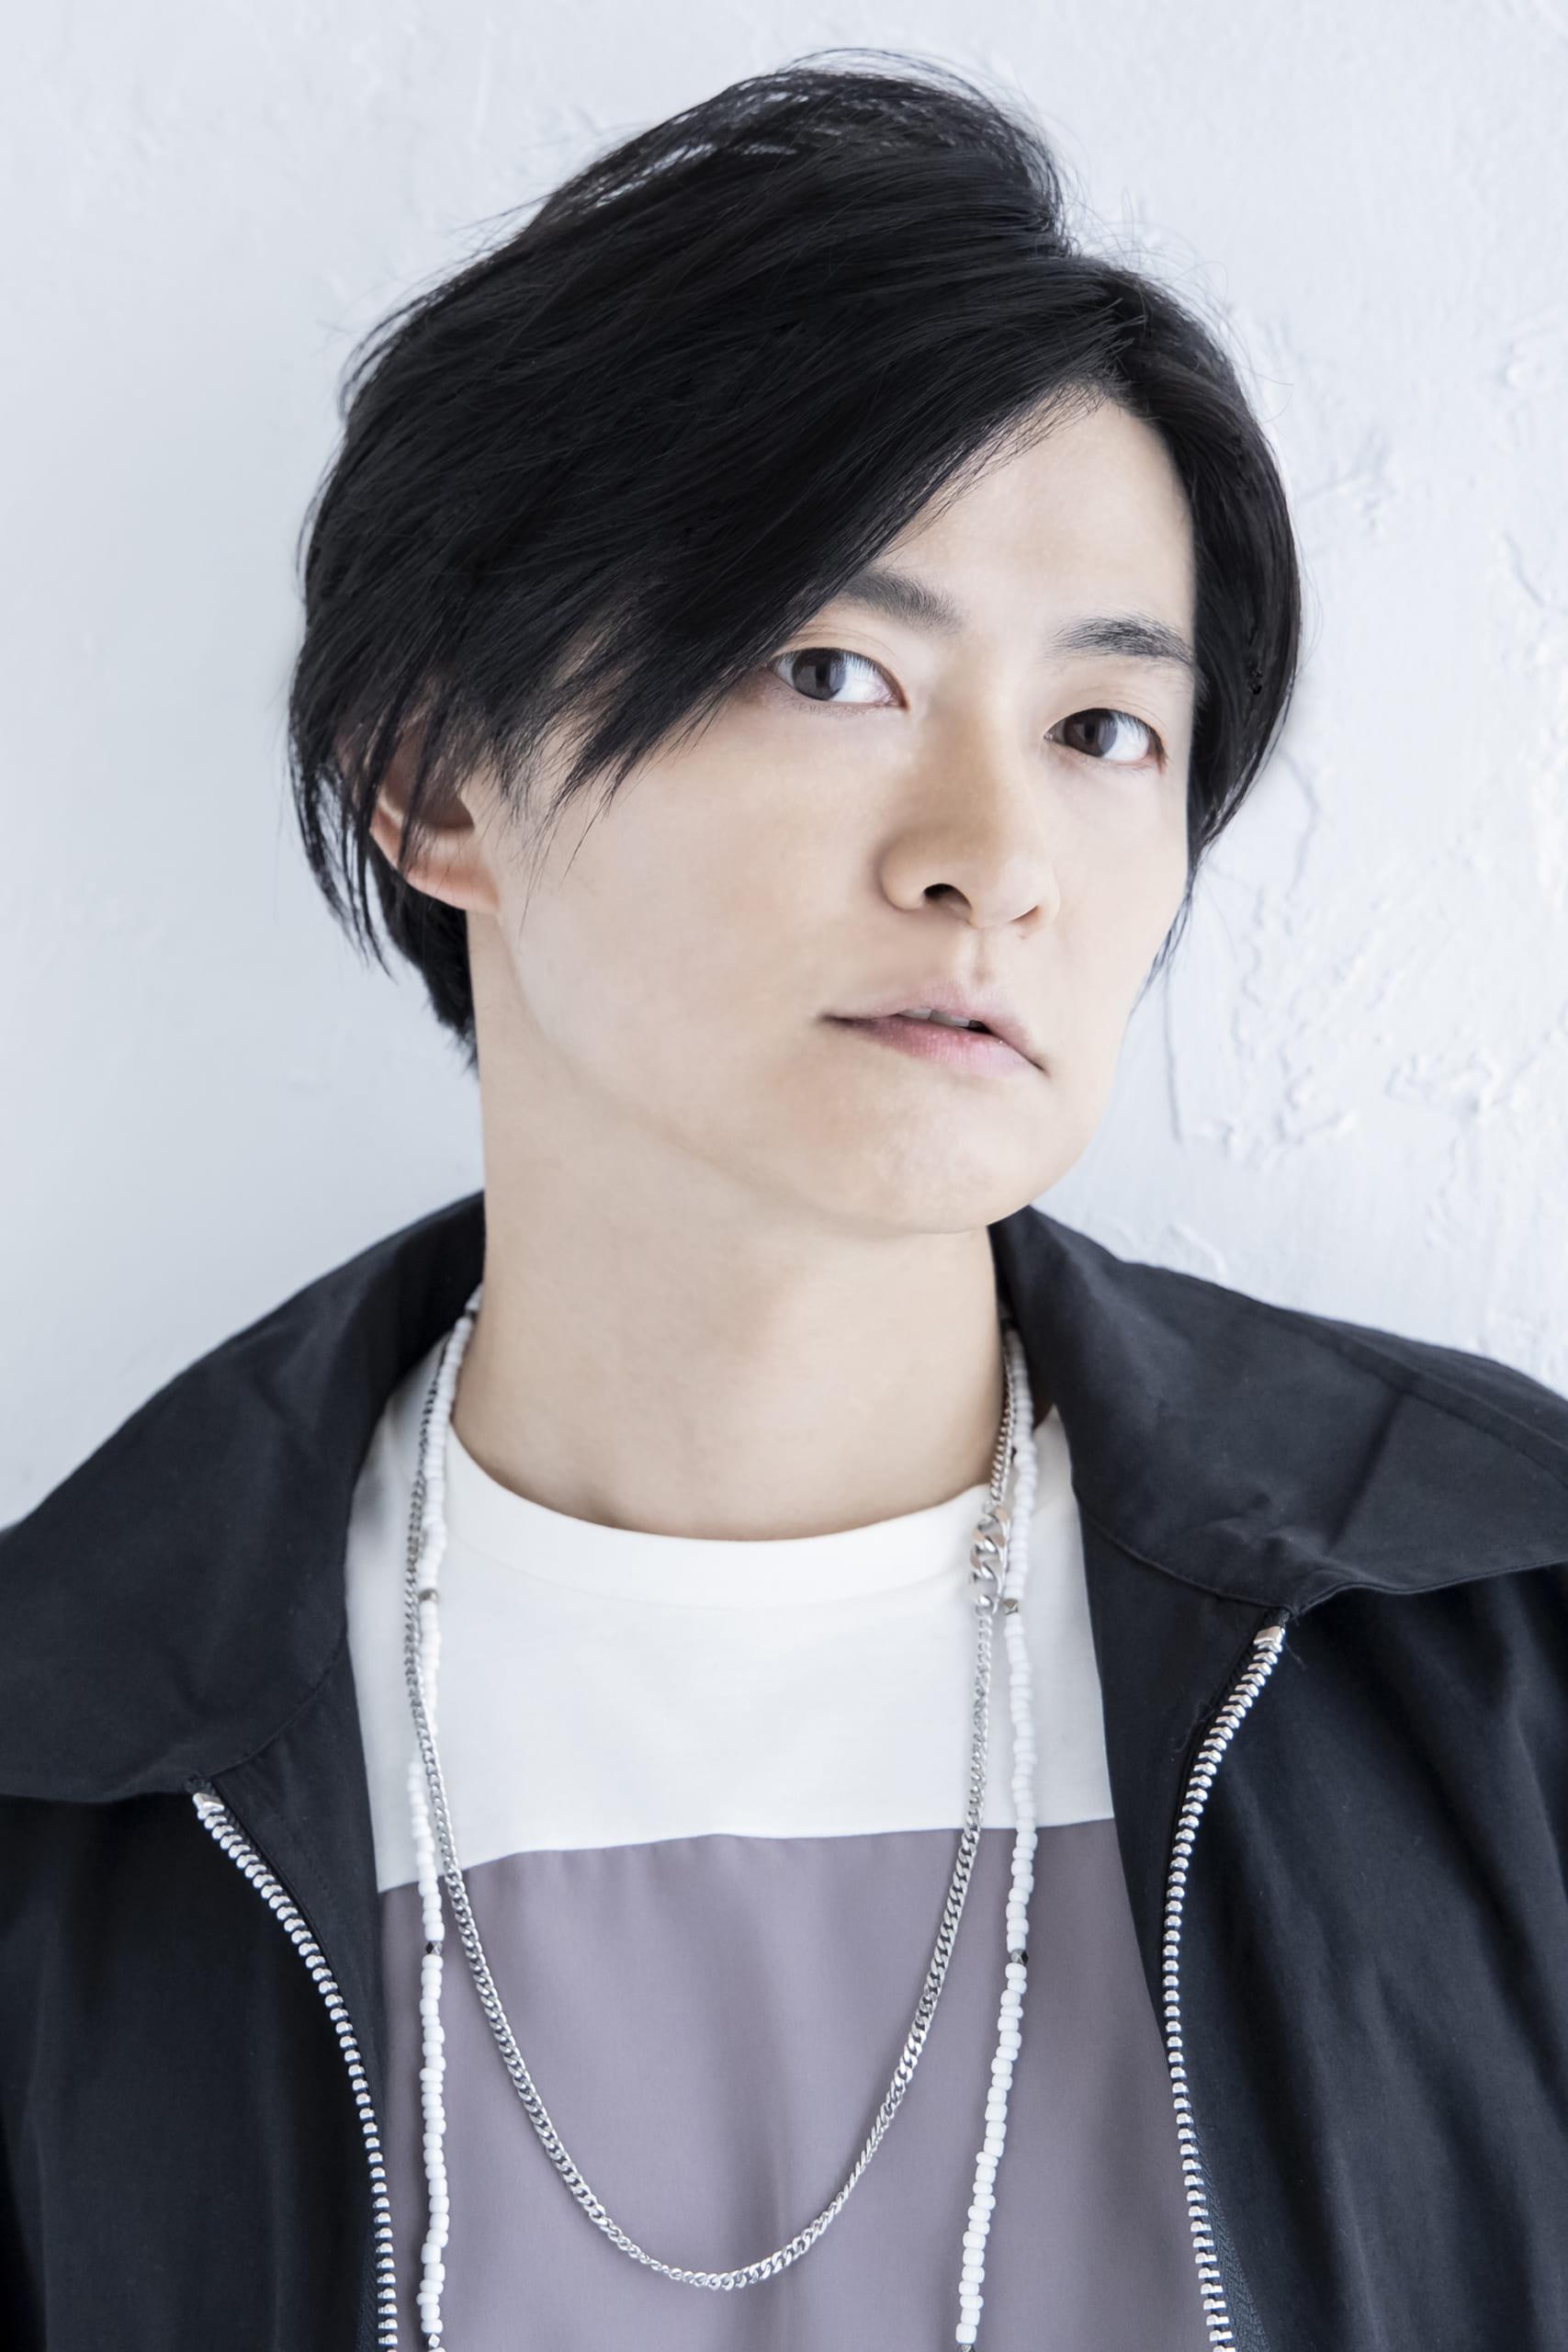 「それスノ」に下野紘さんが登場!1人で9キャラを演じる神業でSnow Manとアフレコ対決